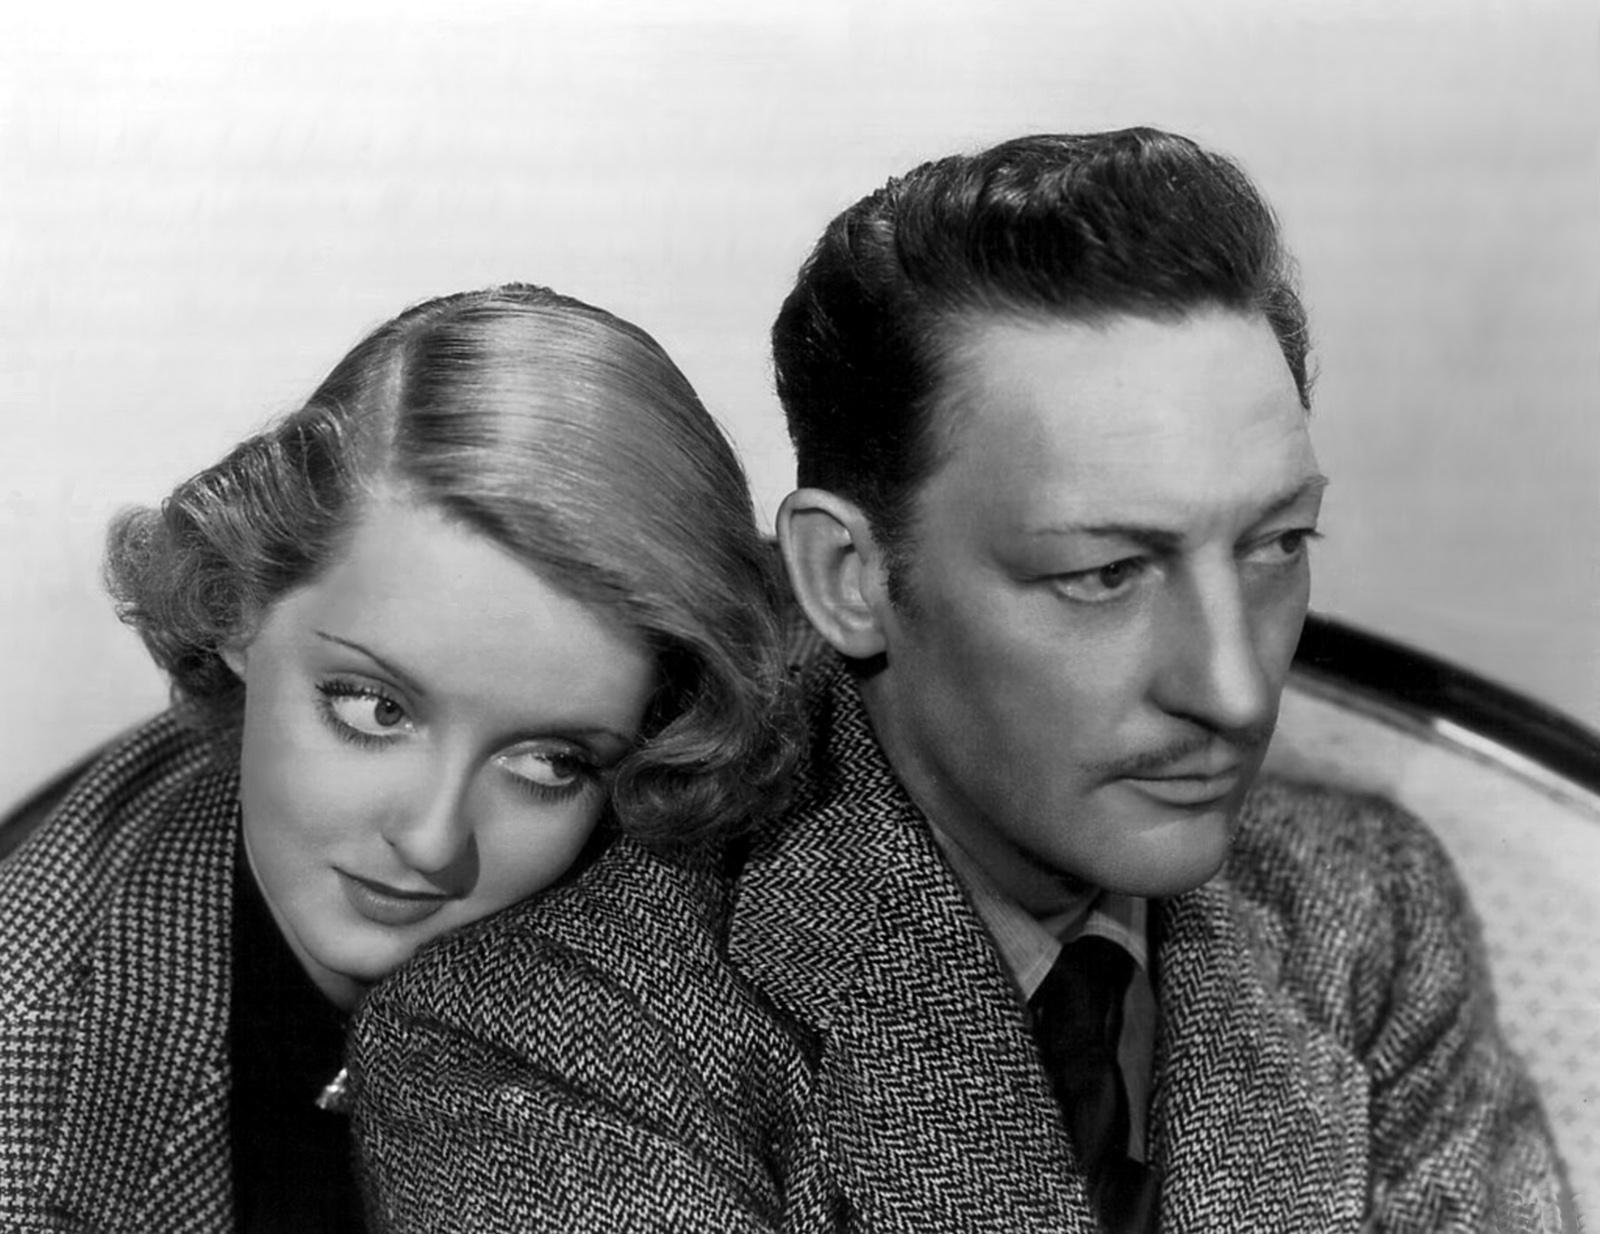 Bette Davis with Warren William